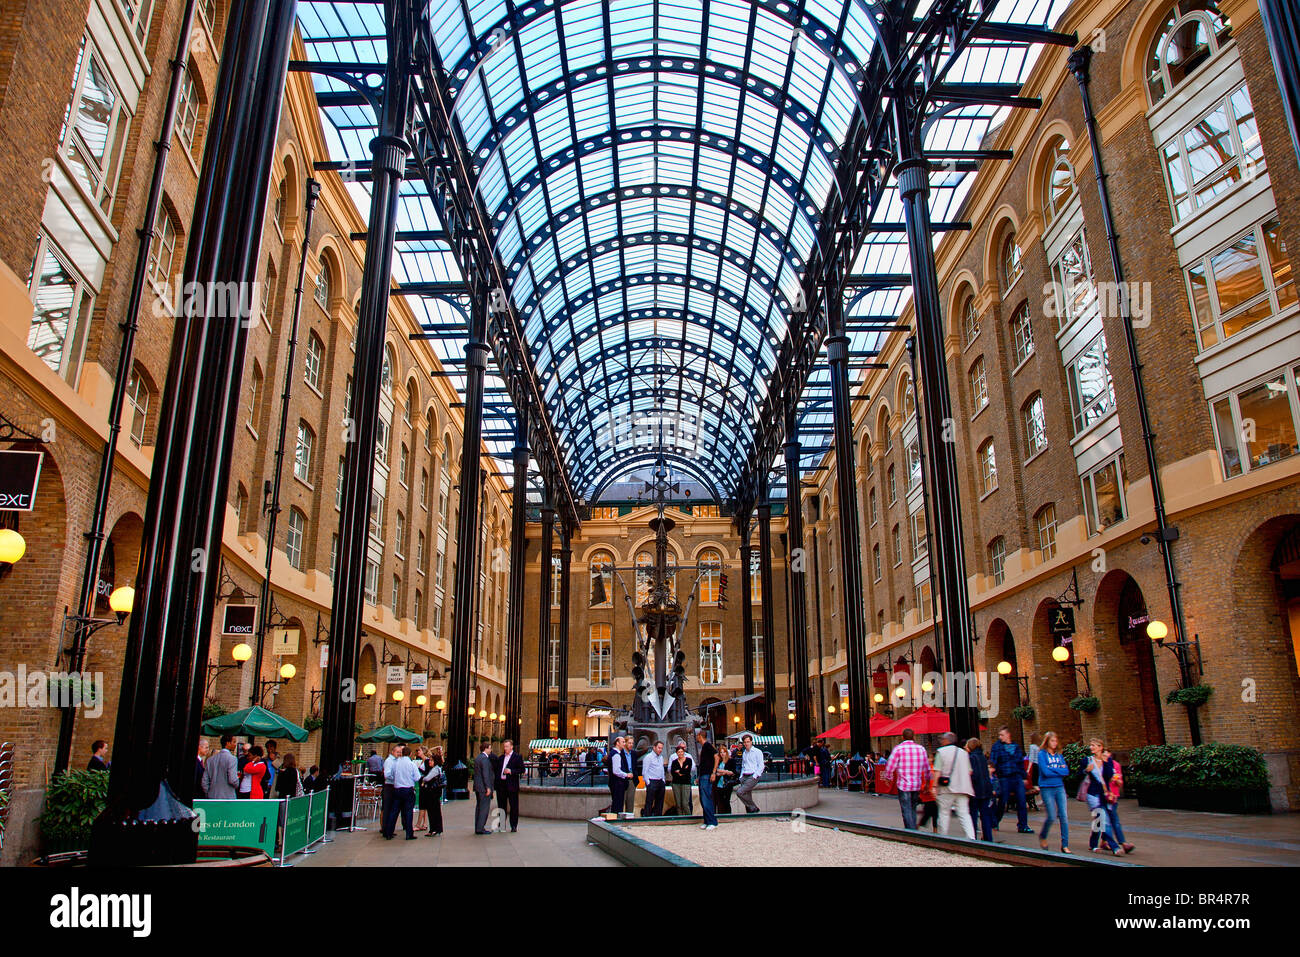 Galleria Stock Photos Galleria Stock Images Alamy